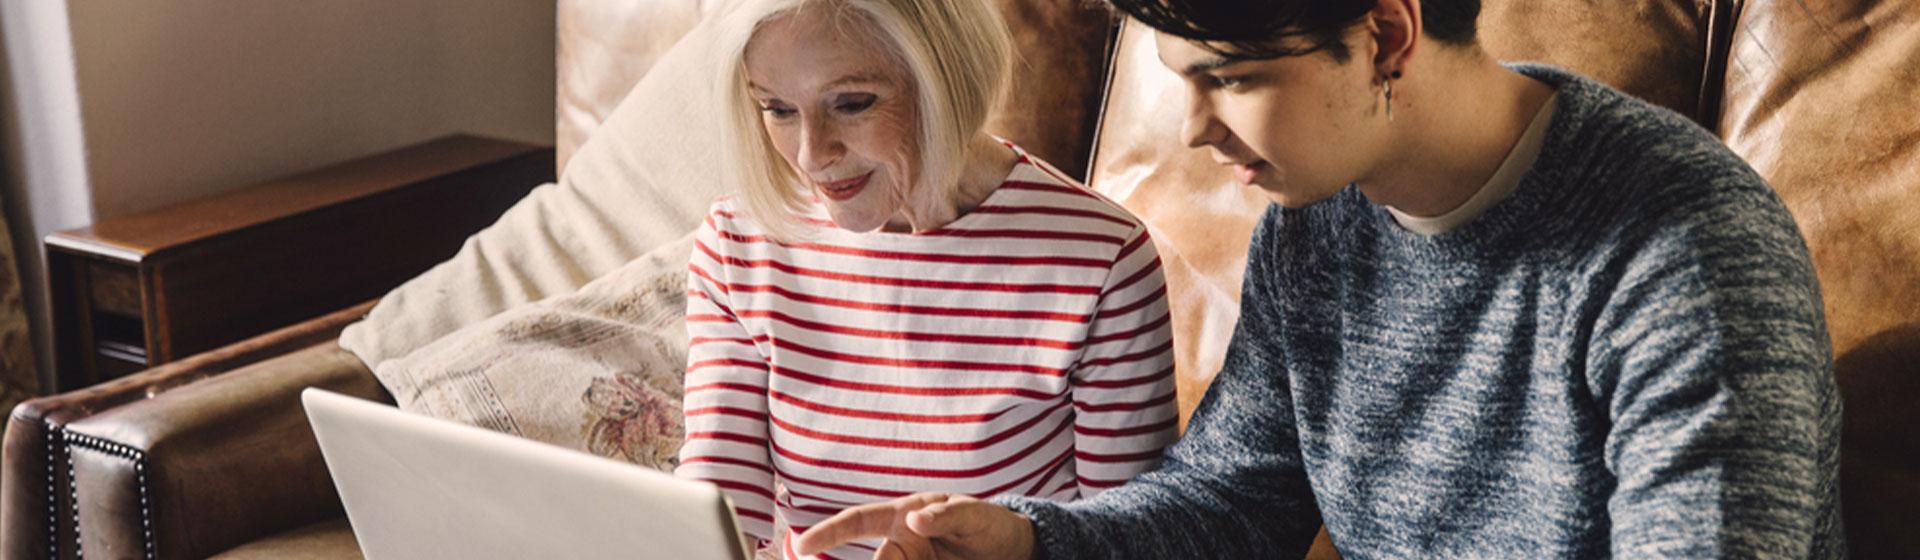 Independer: Nederlandse consument kan nu minder geld lenen dan in 2019